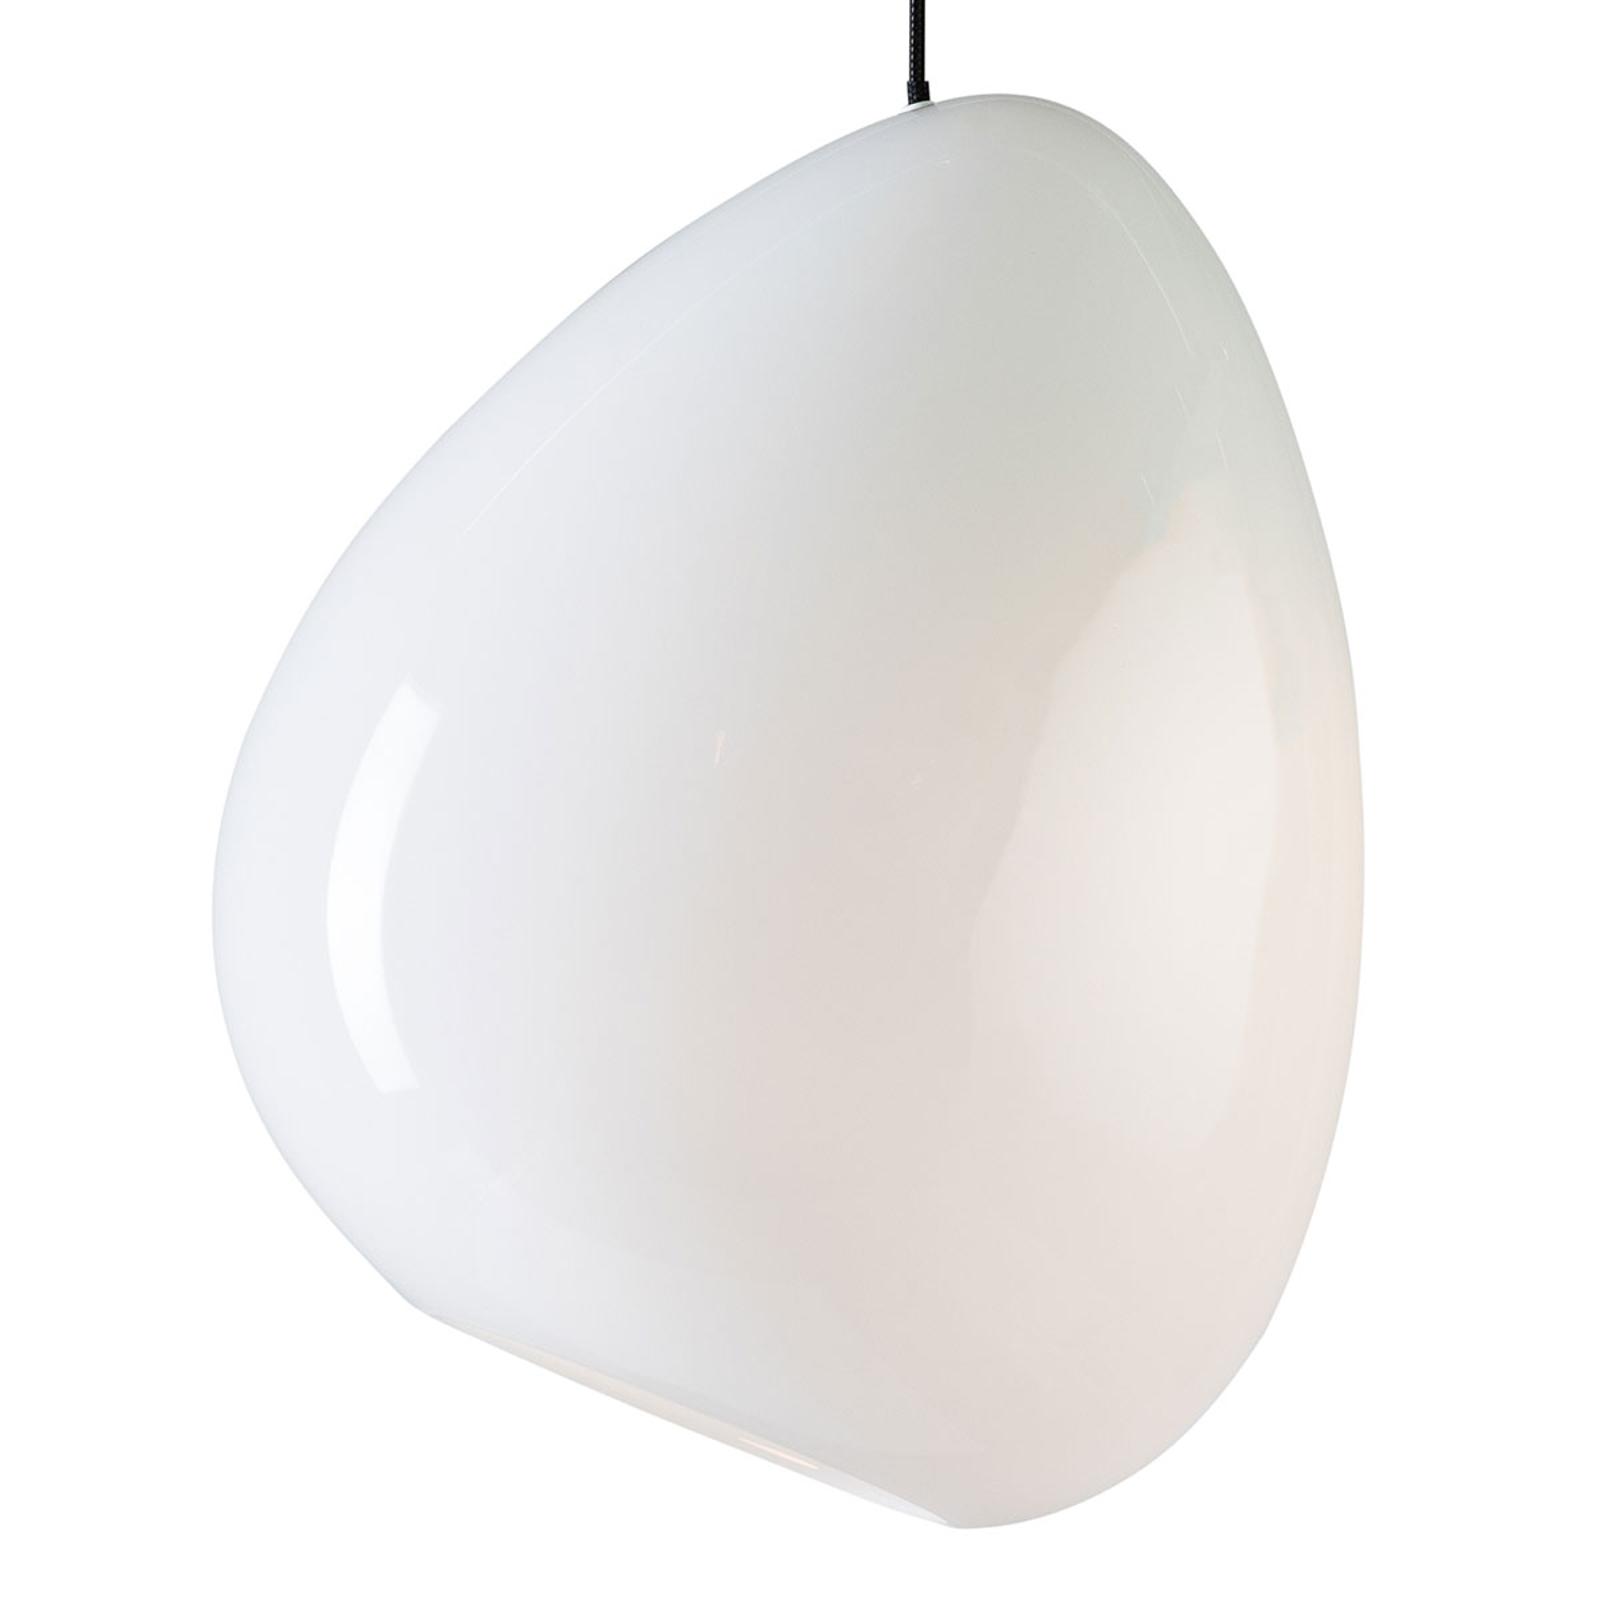 Lampa wisząca Ocean szkło biała błyszcząca